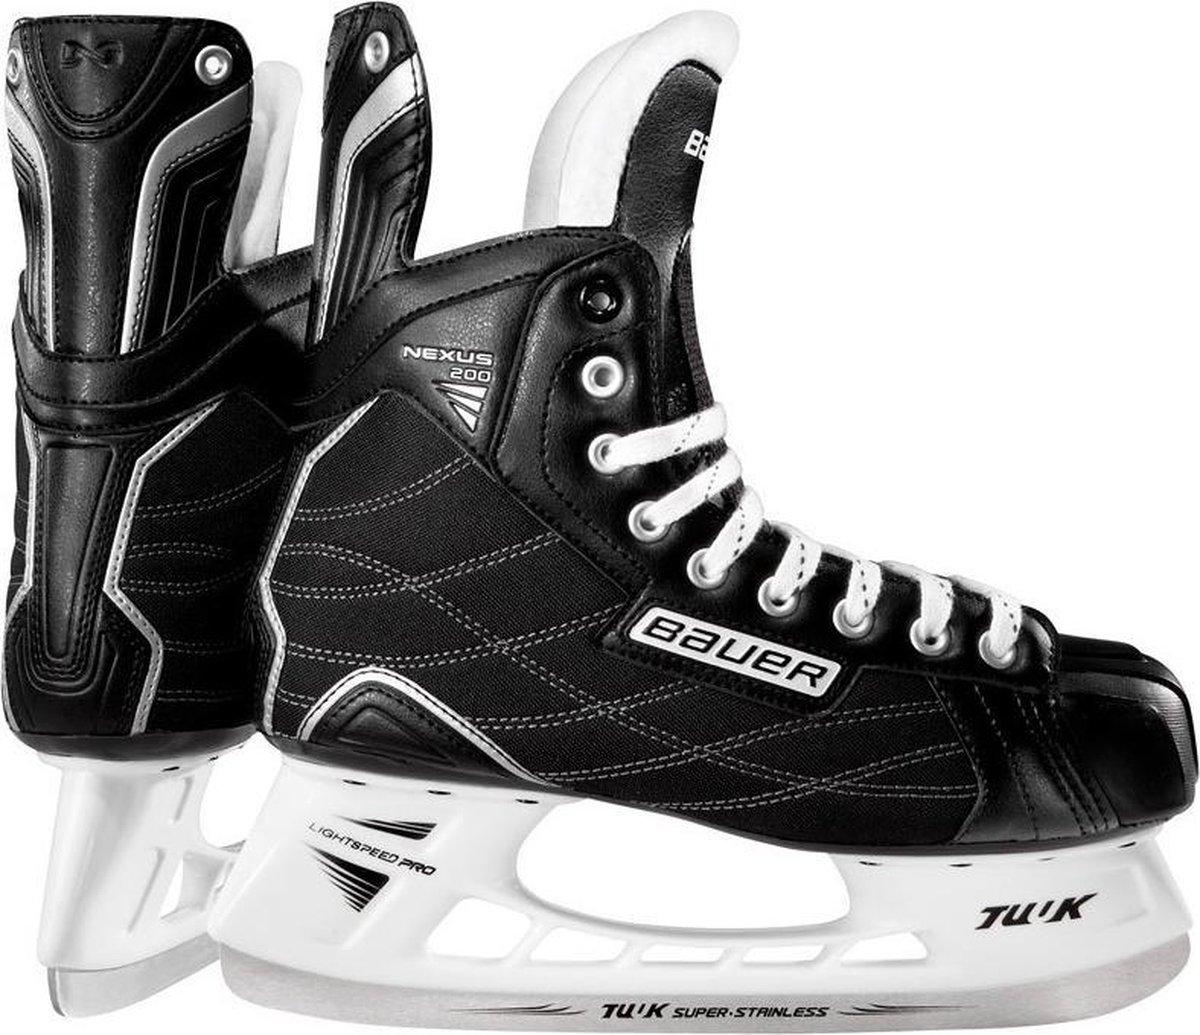 Bauer IJshockeyschaats NEXUS 200 | Maat 44,5